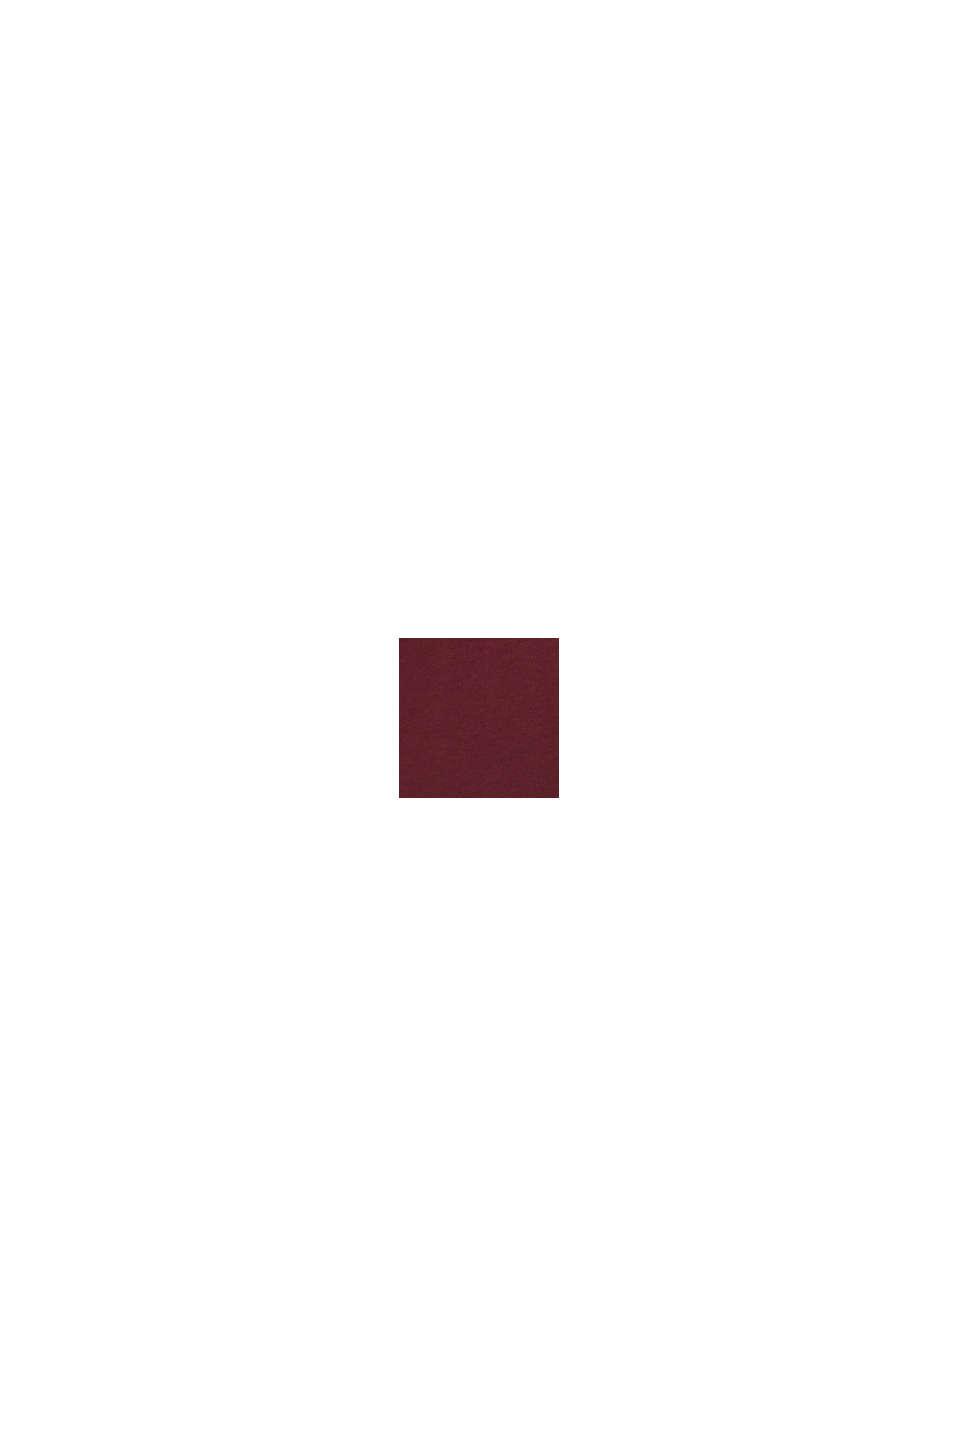 Haut en jersey 100% coton, BORDEAUX RED, swatch